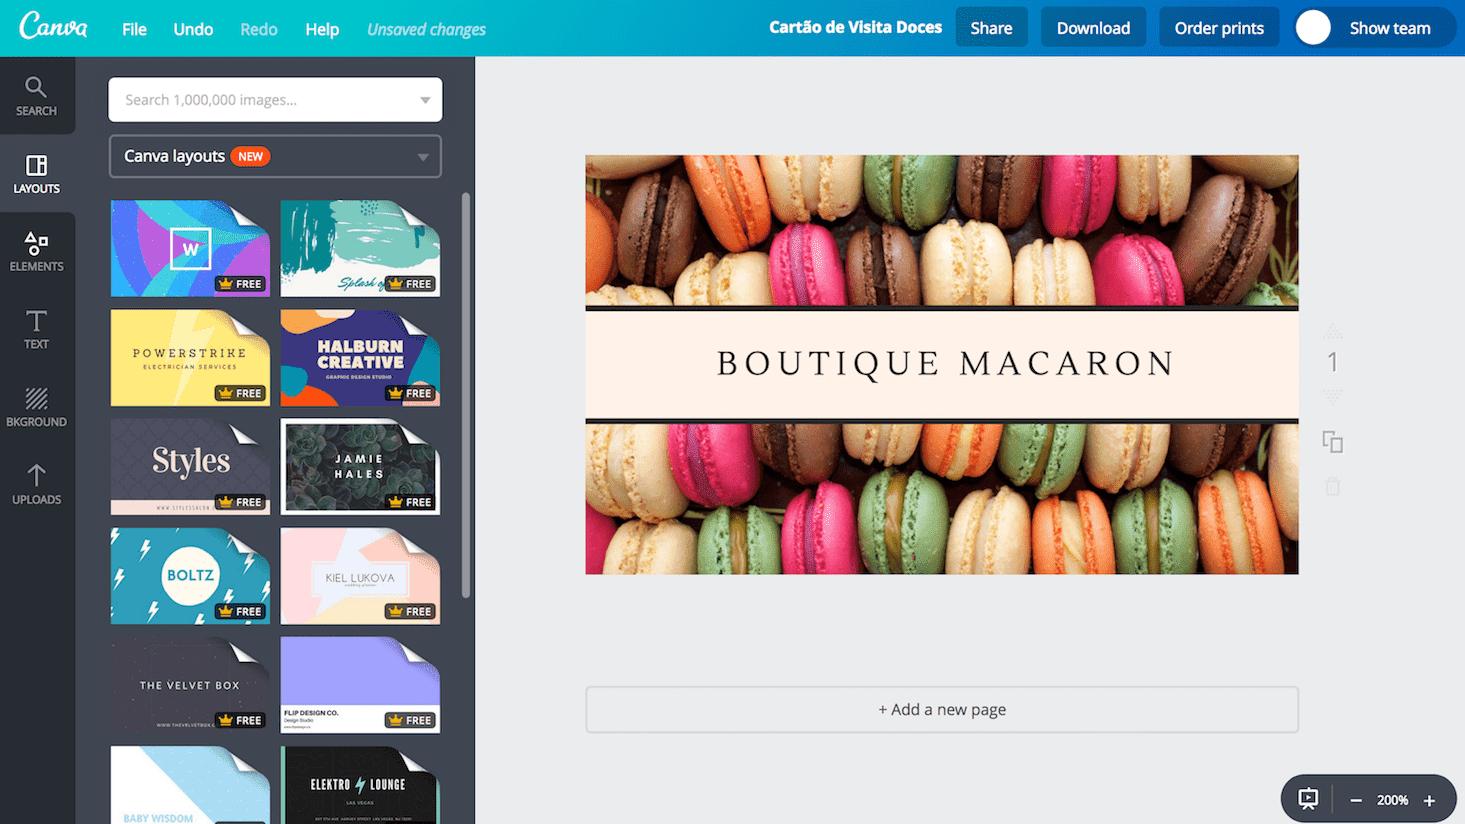 Cartão de visita para doces e bolos